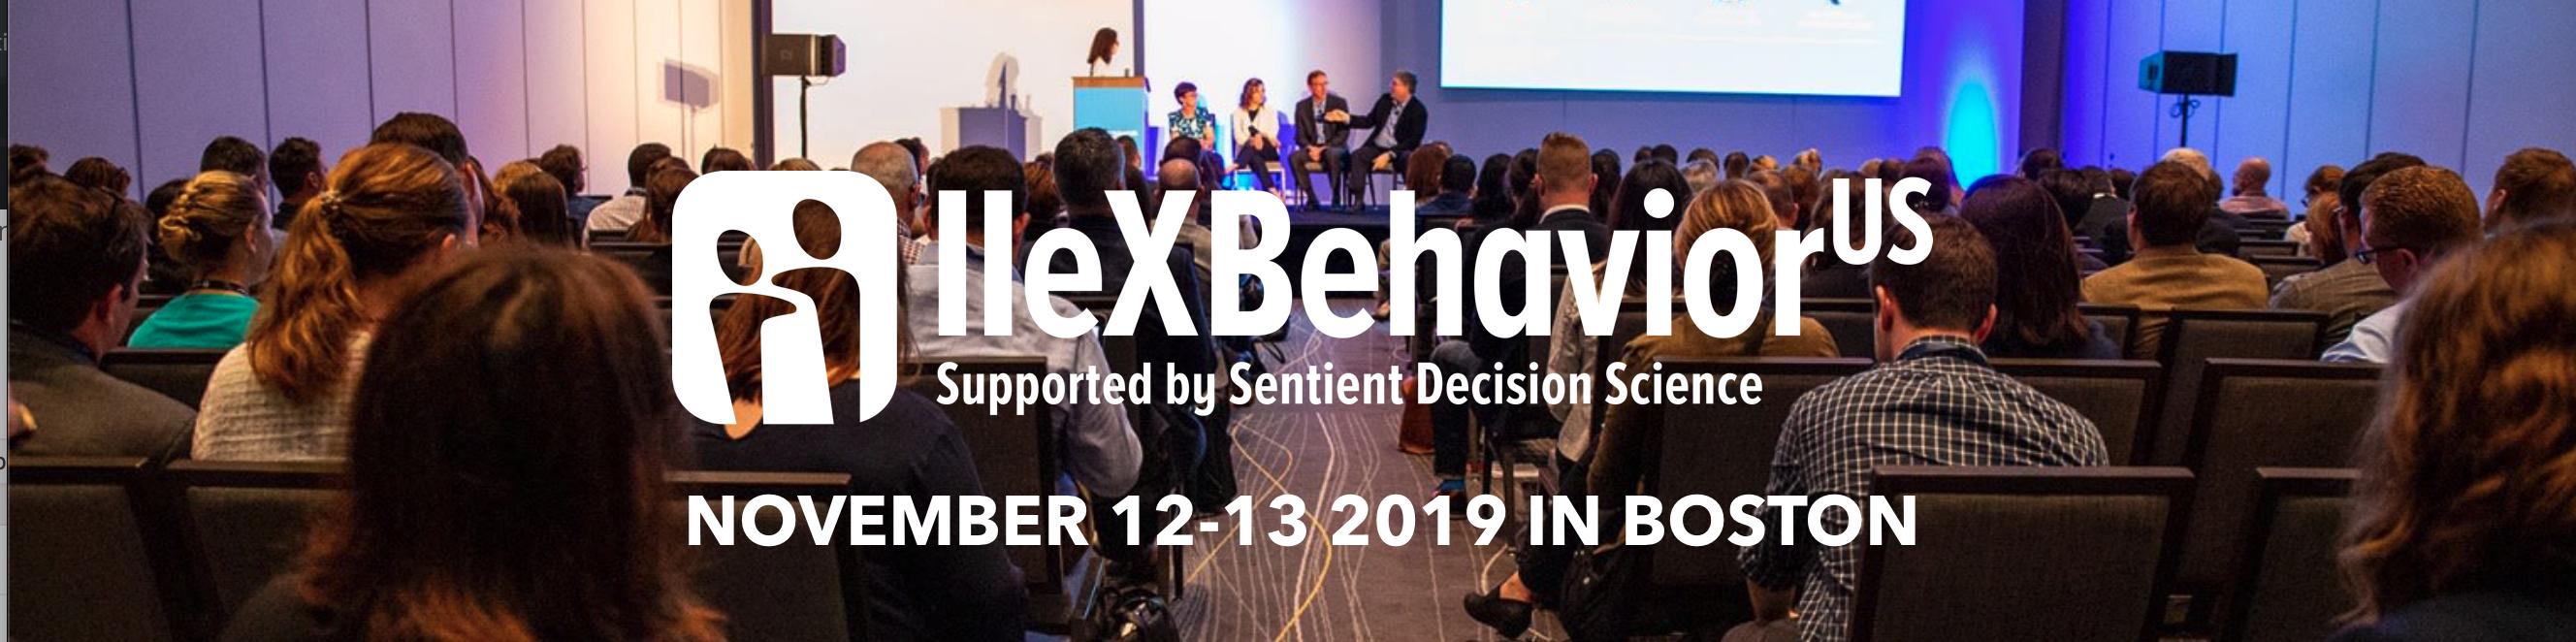 IIeX Behavior US 2019